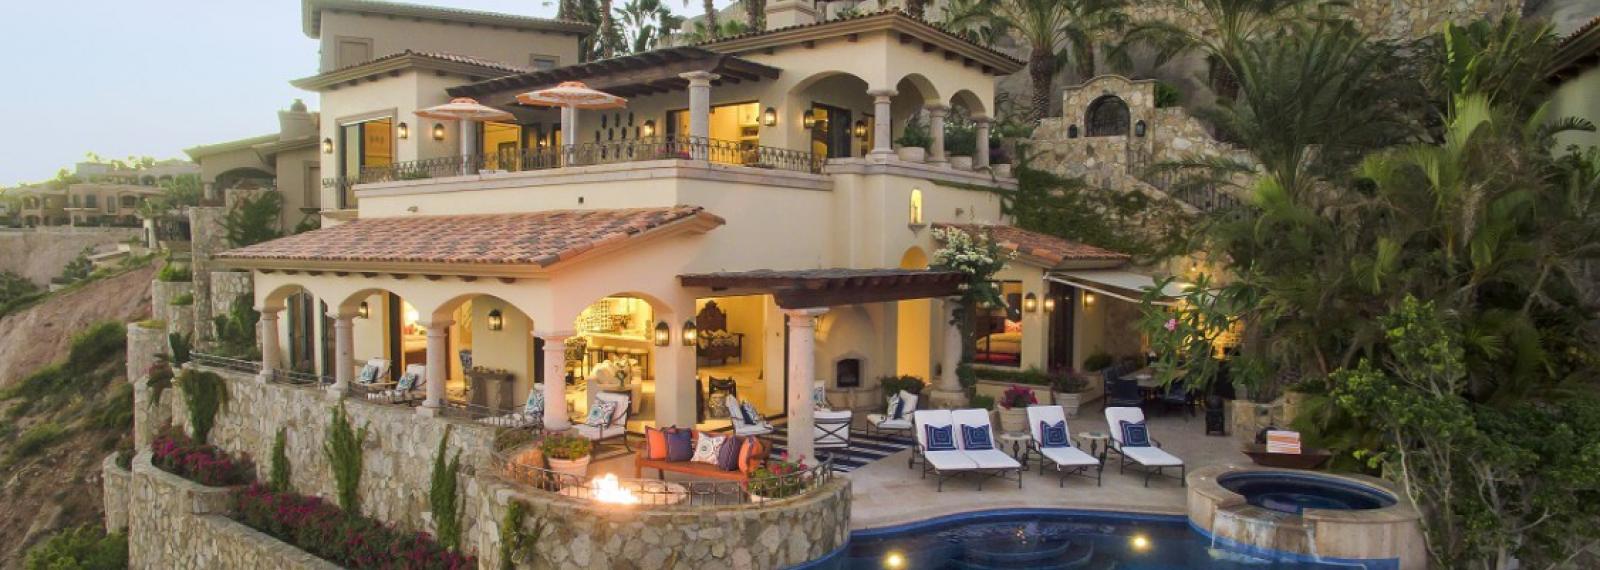 Ocean View Villa Casita 377